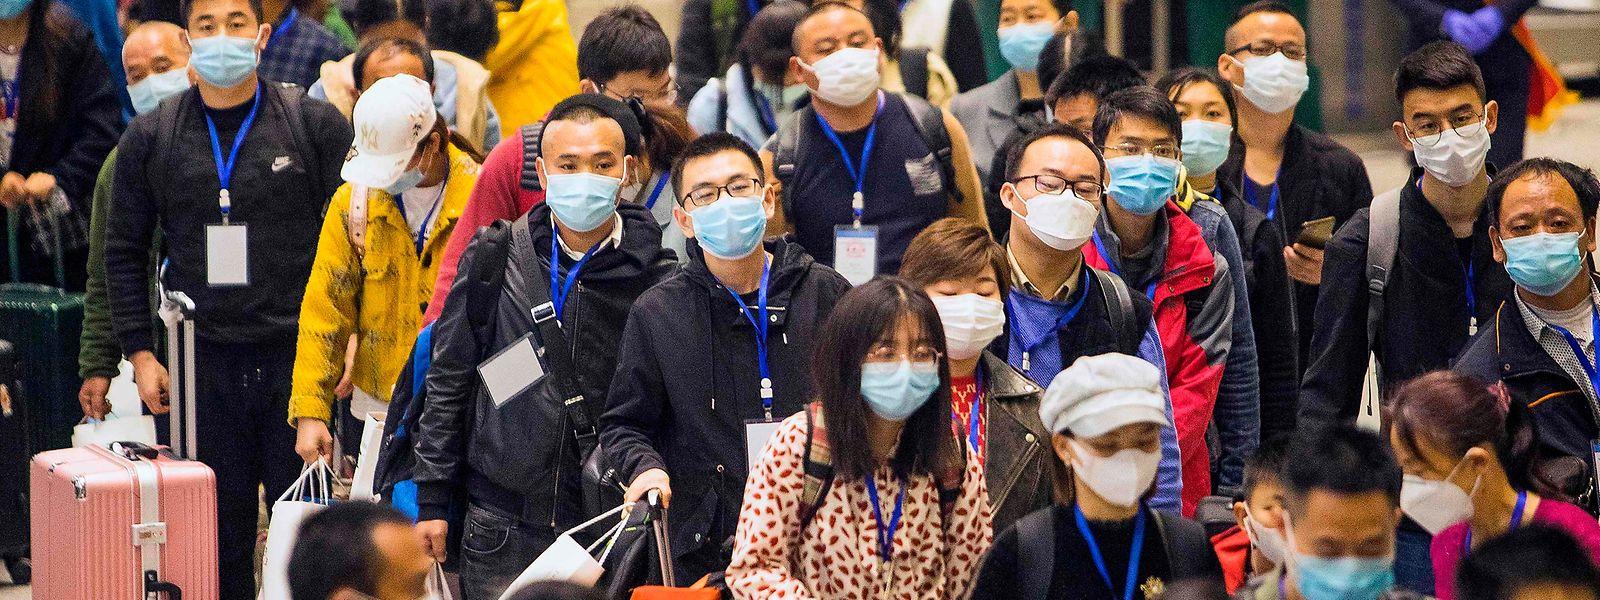 In der Provinz Hubei hatte man drastische Maßnahmen erlassen.